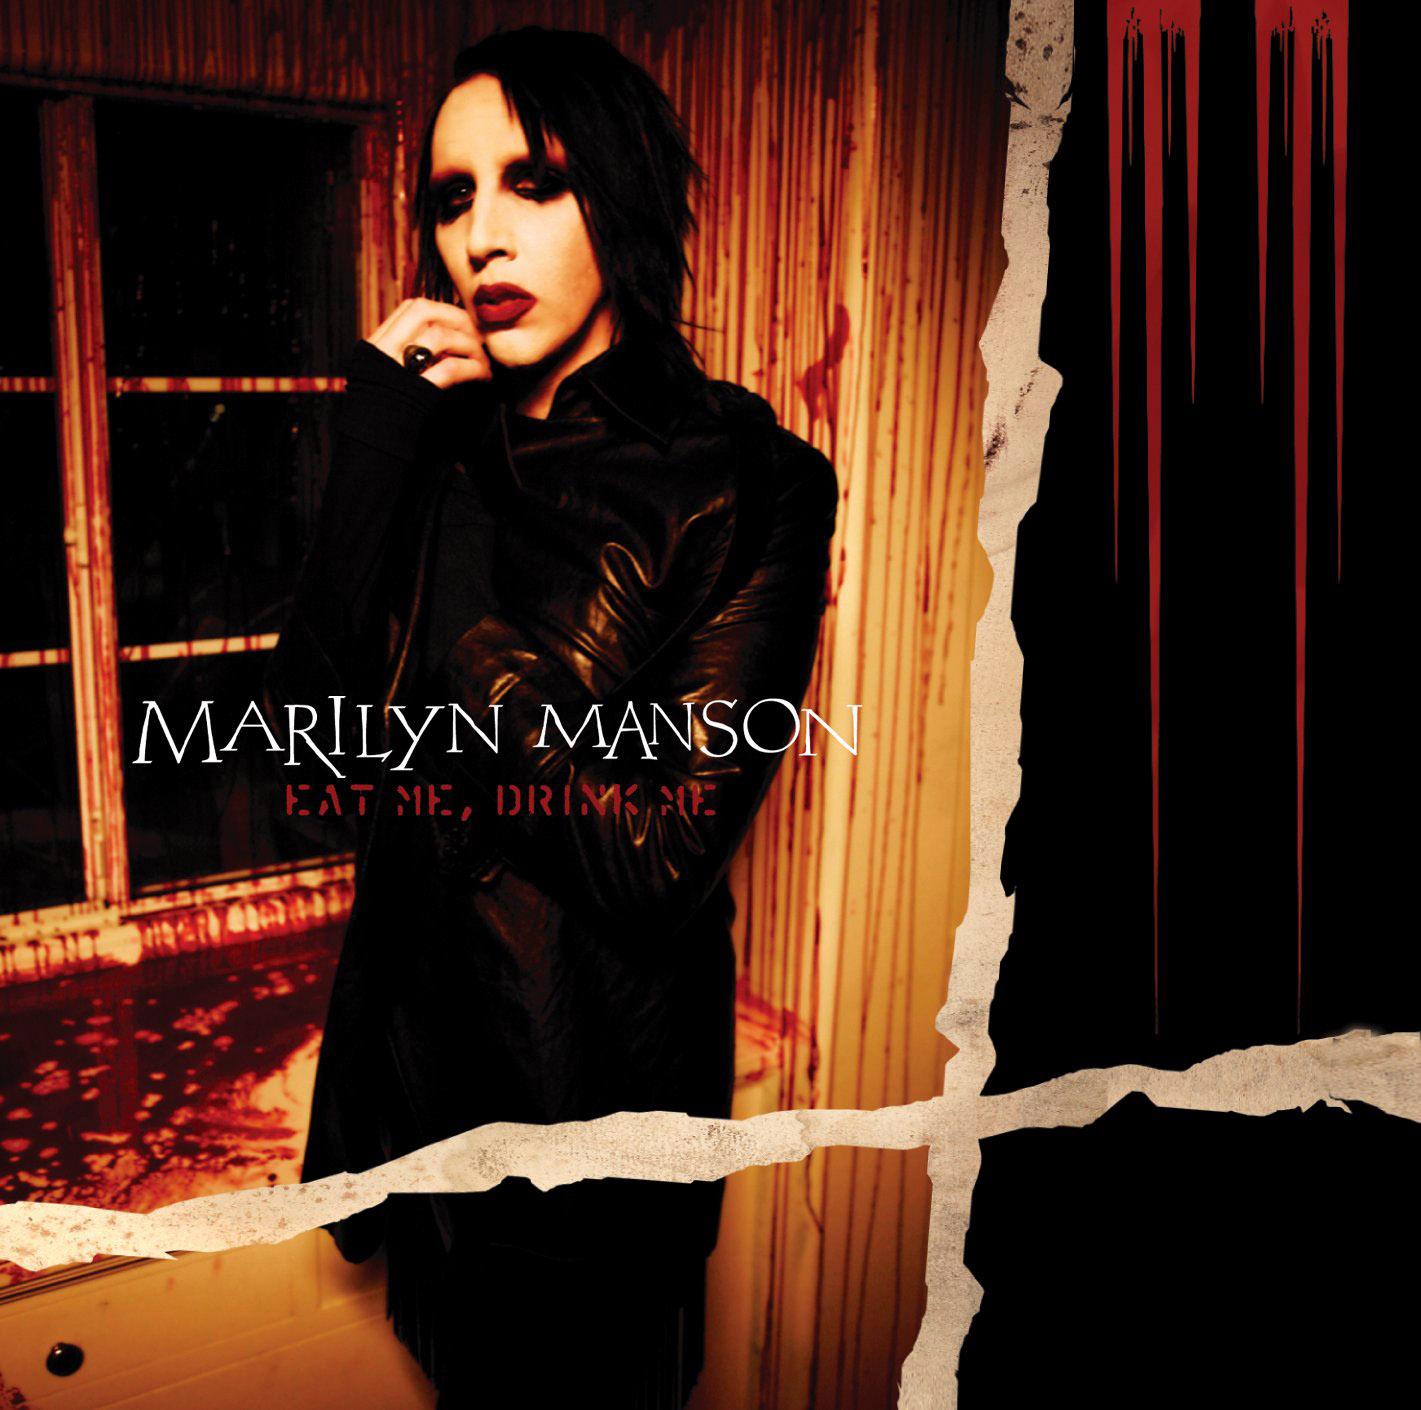 http://2.bp.blogspot.com/-mtmIHfQ1eEk/T-jRP1v3wHI/AAAAAAAAAZE/ksfJNM2CCMY/s1600/Marilyn+Manson+eat+me+drink+me.jpg